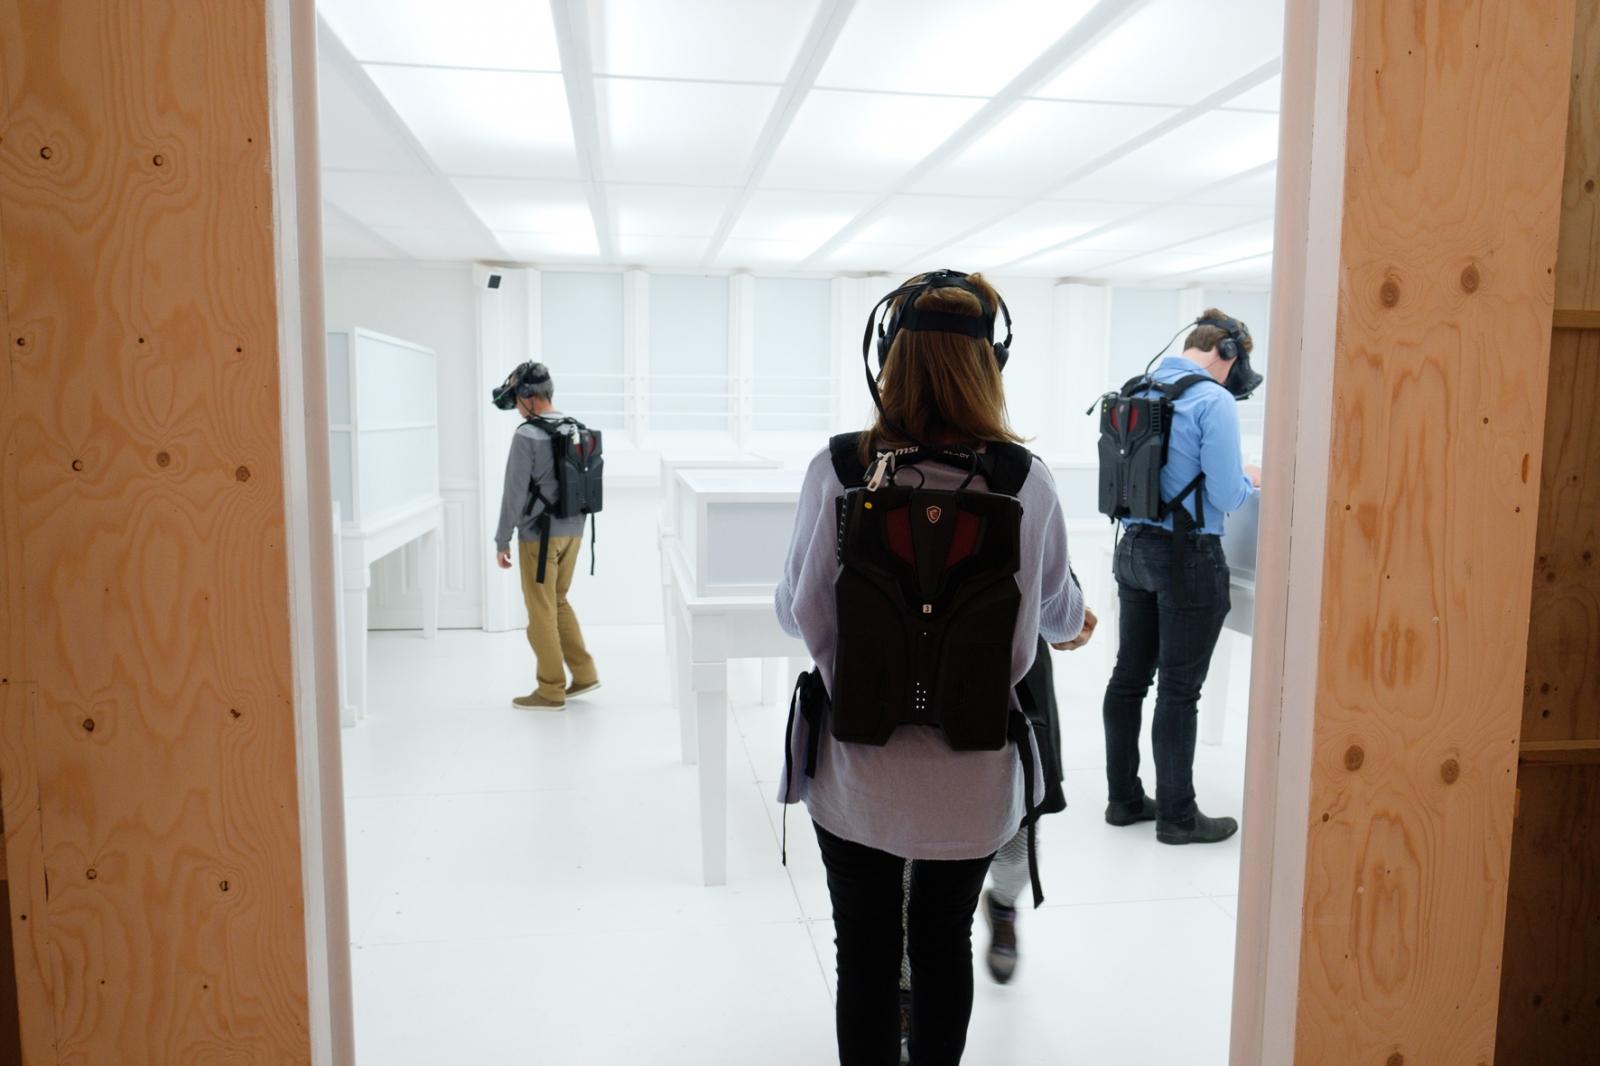 Ausstellungsbesucher mit VR-Brillen vor augenscheinlich leeren Wänden